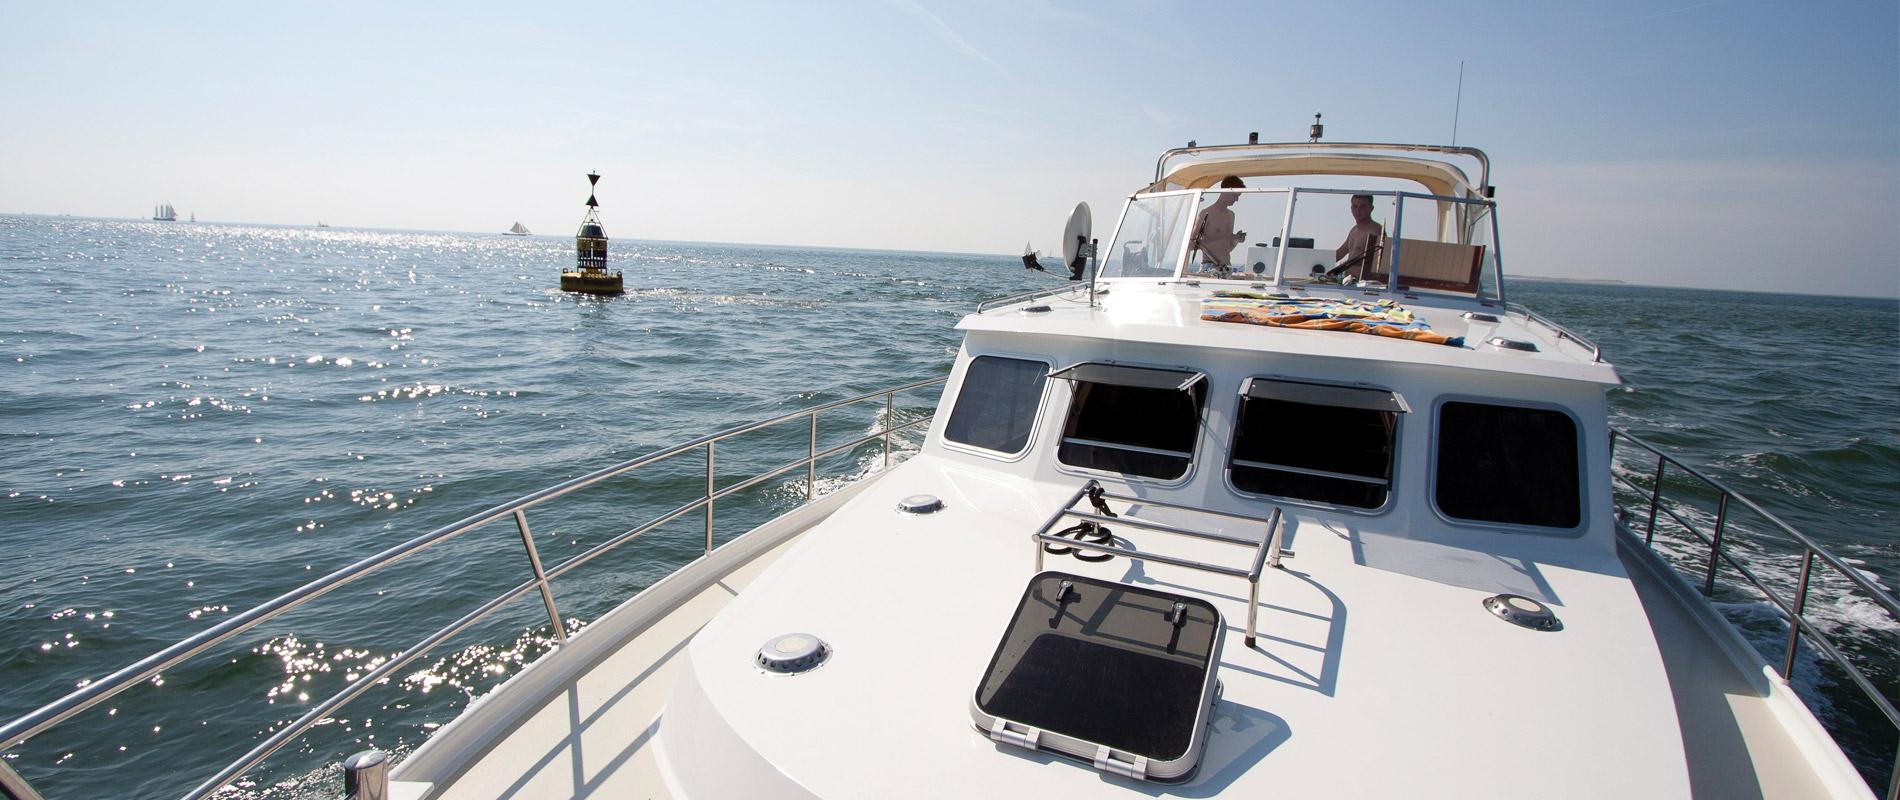 Vaarvakantie - Boot huren - GJS | HW Yachtcharter